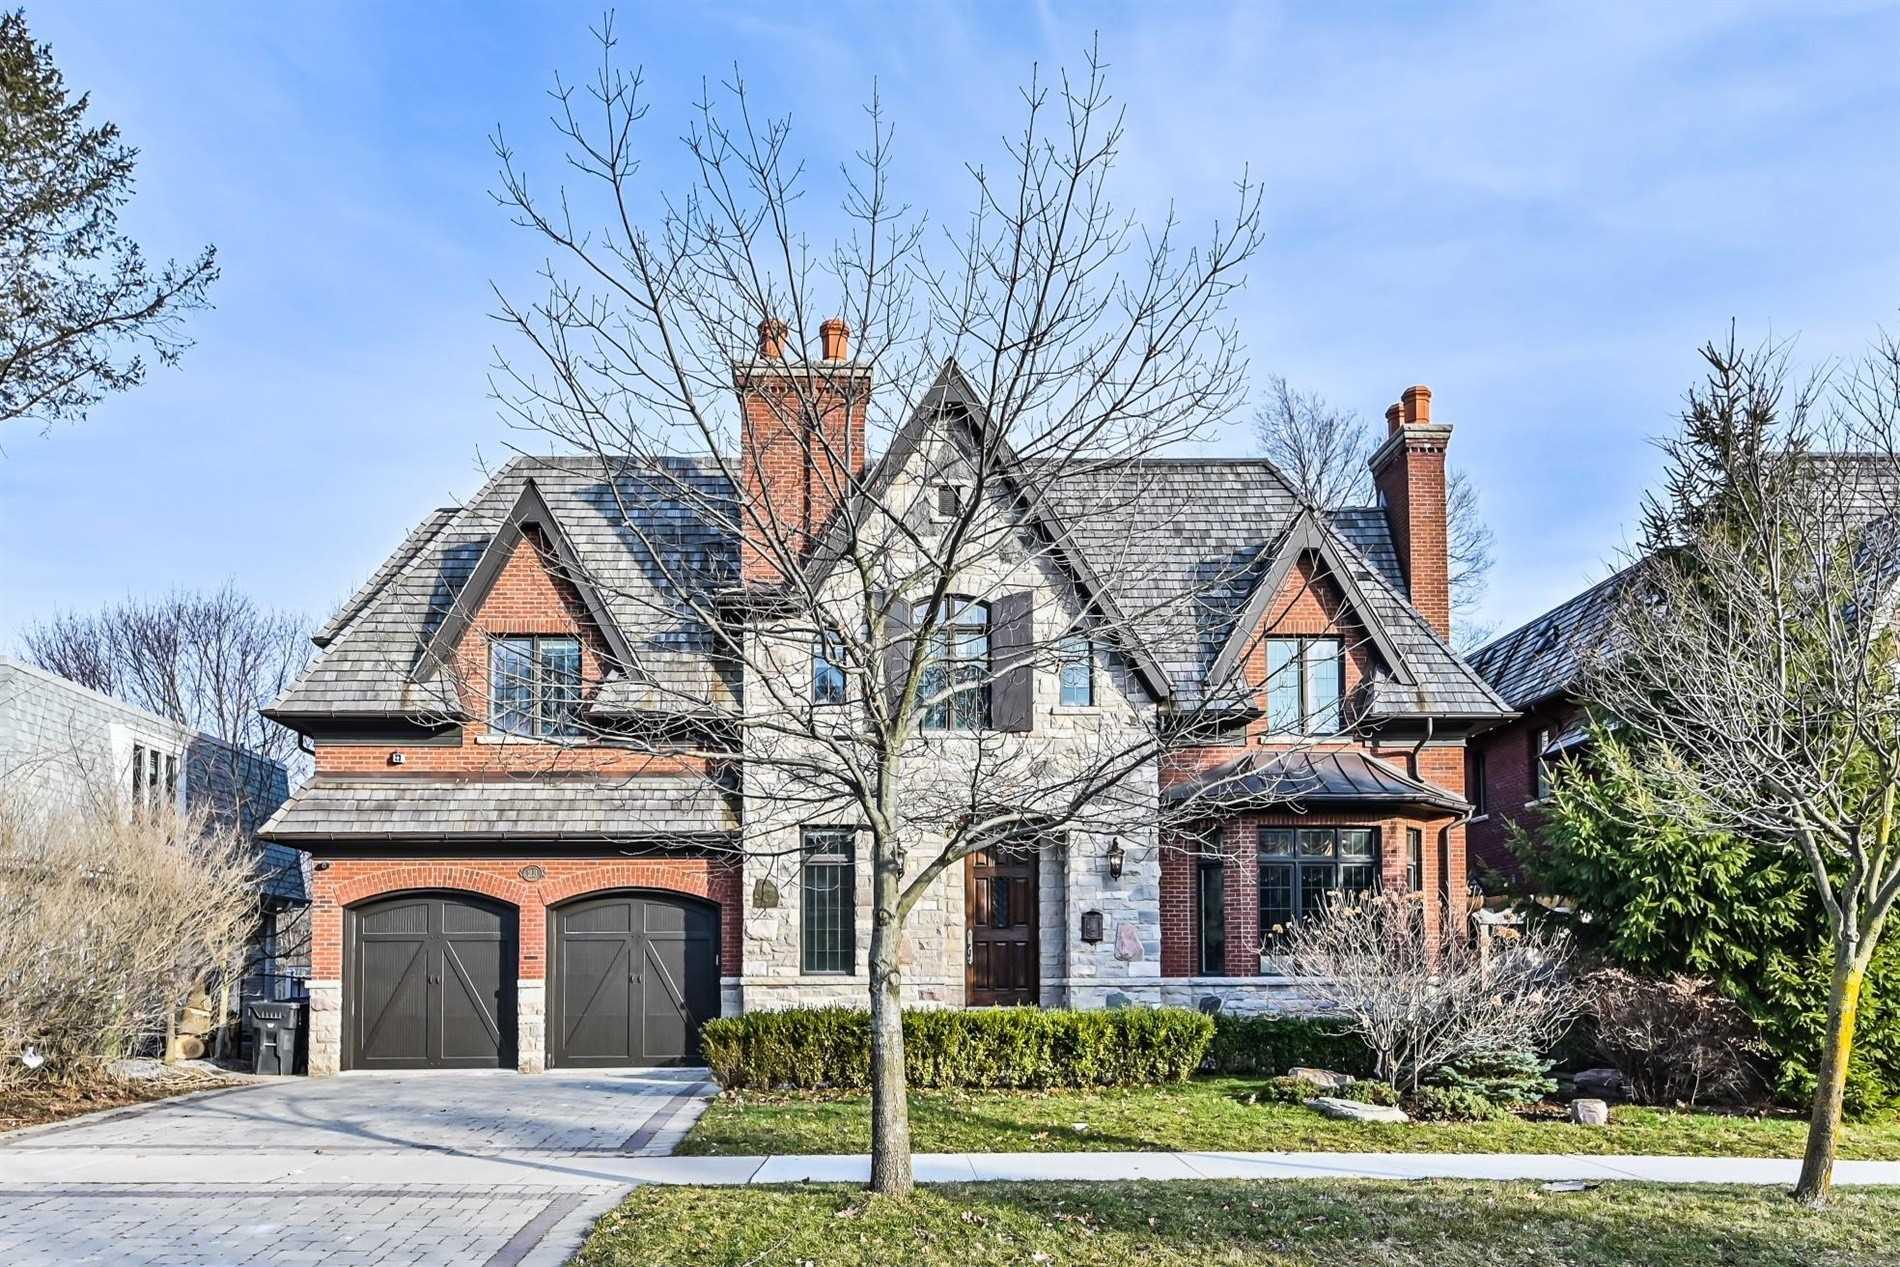 23 Montressor Dr, St. Andrew-Windfields, Toronto, Ontario M2P1Y9, 5 Bedrooms Bedrooms, 10 Rooms Rooms,8 BathroomsBathrooms,Detached,For Sale,Montressor,C4820729